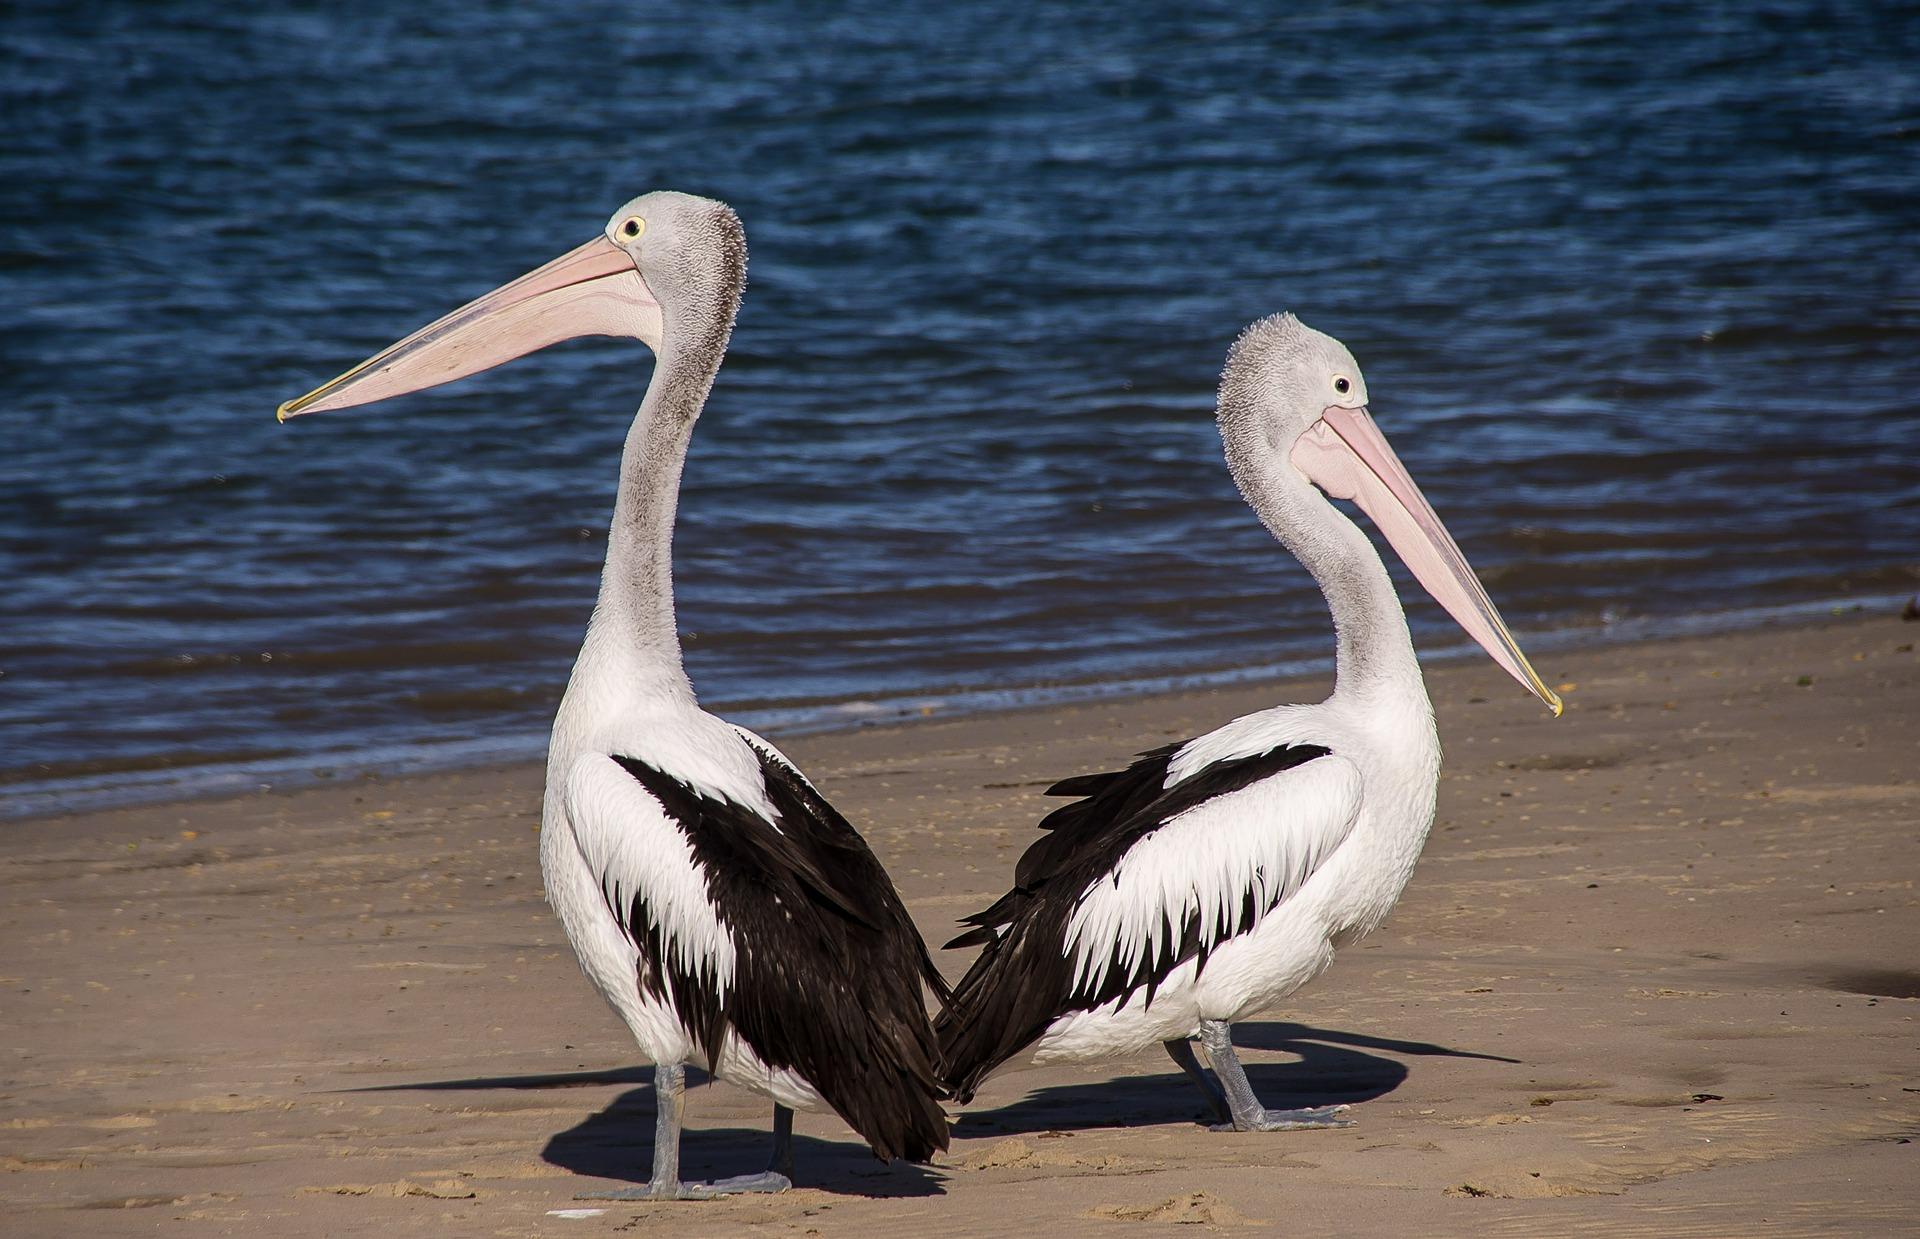 pelicans-446864_1920